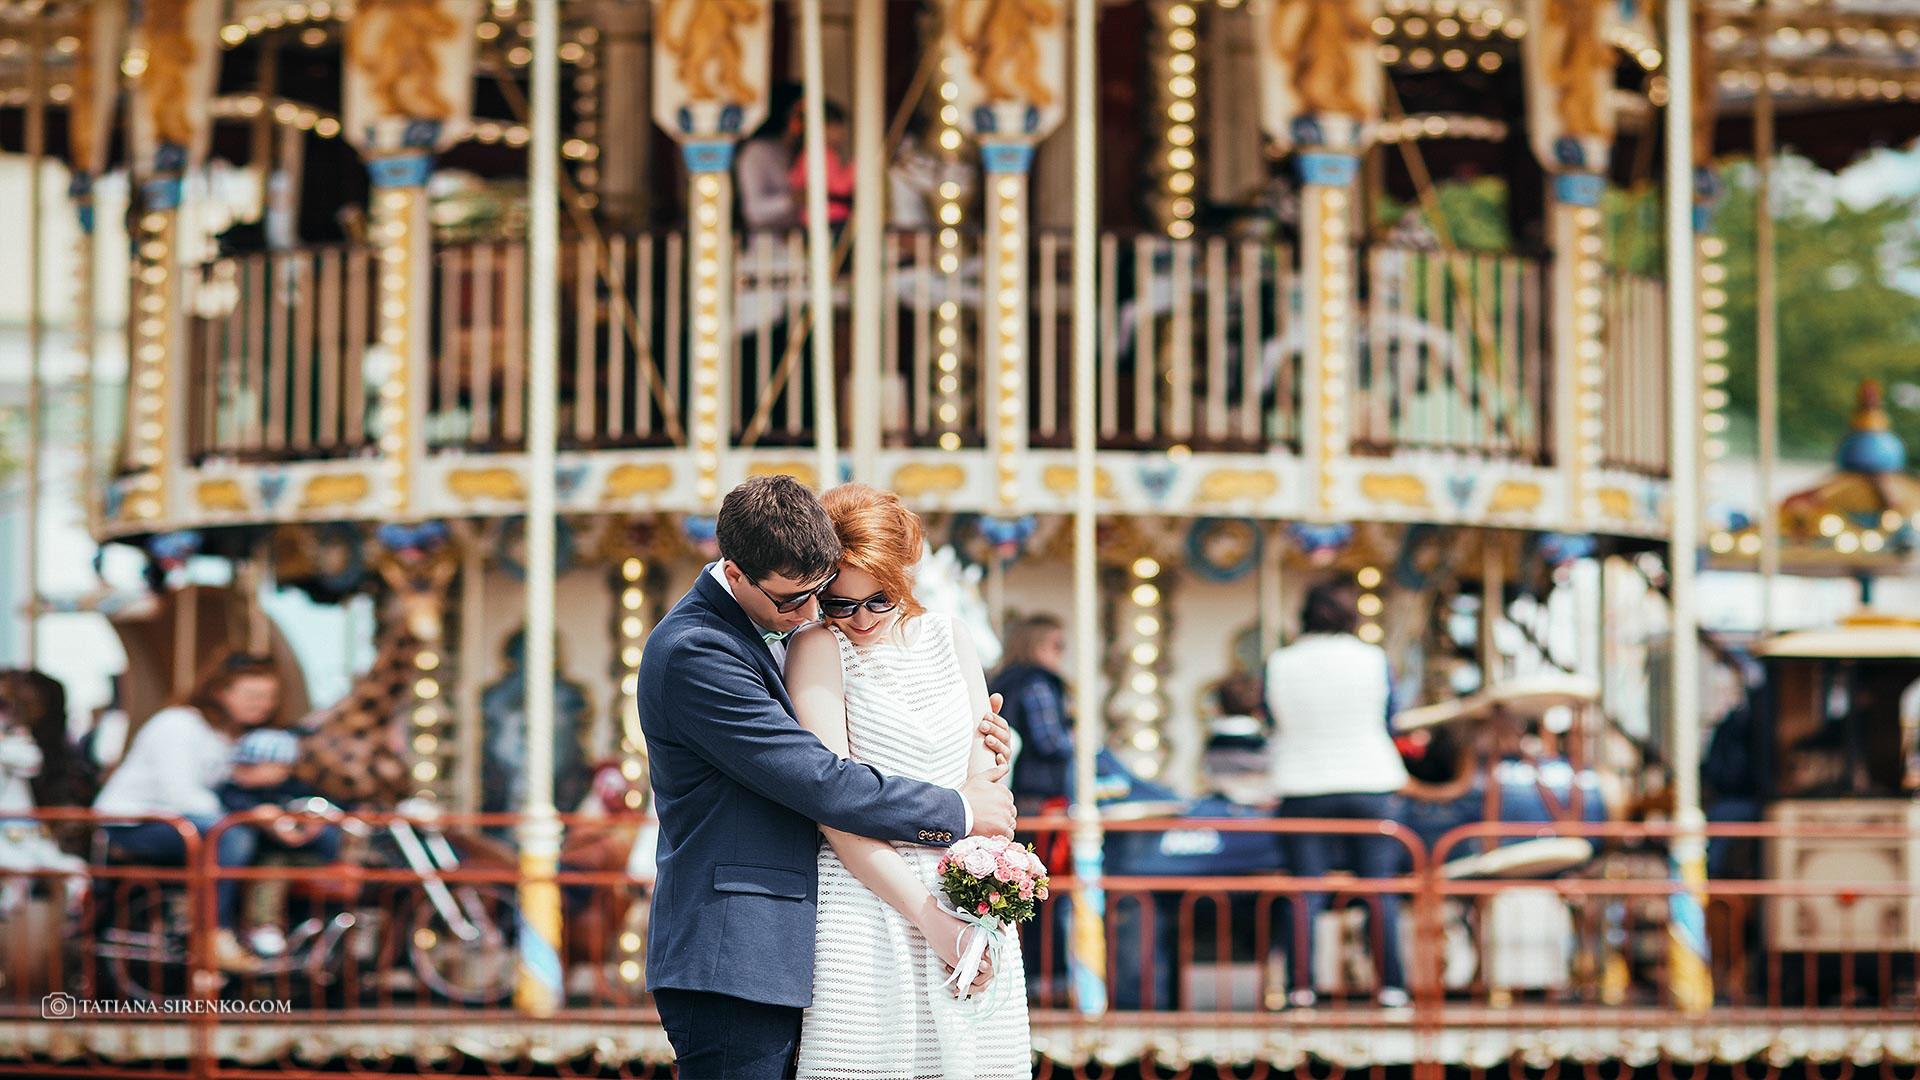 Свадебная фотосессия в Киеве на Михайловской площади